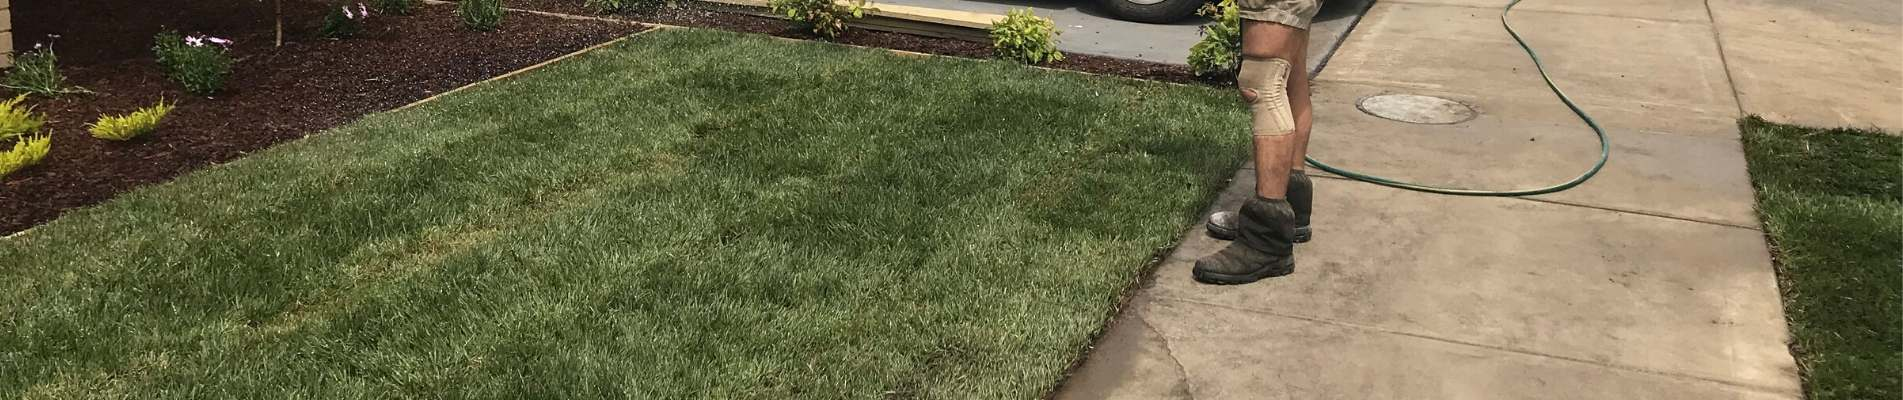 Clyde Gardener